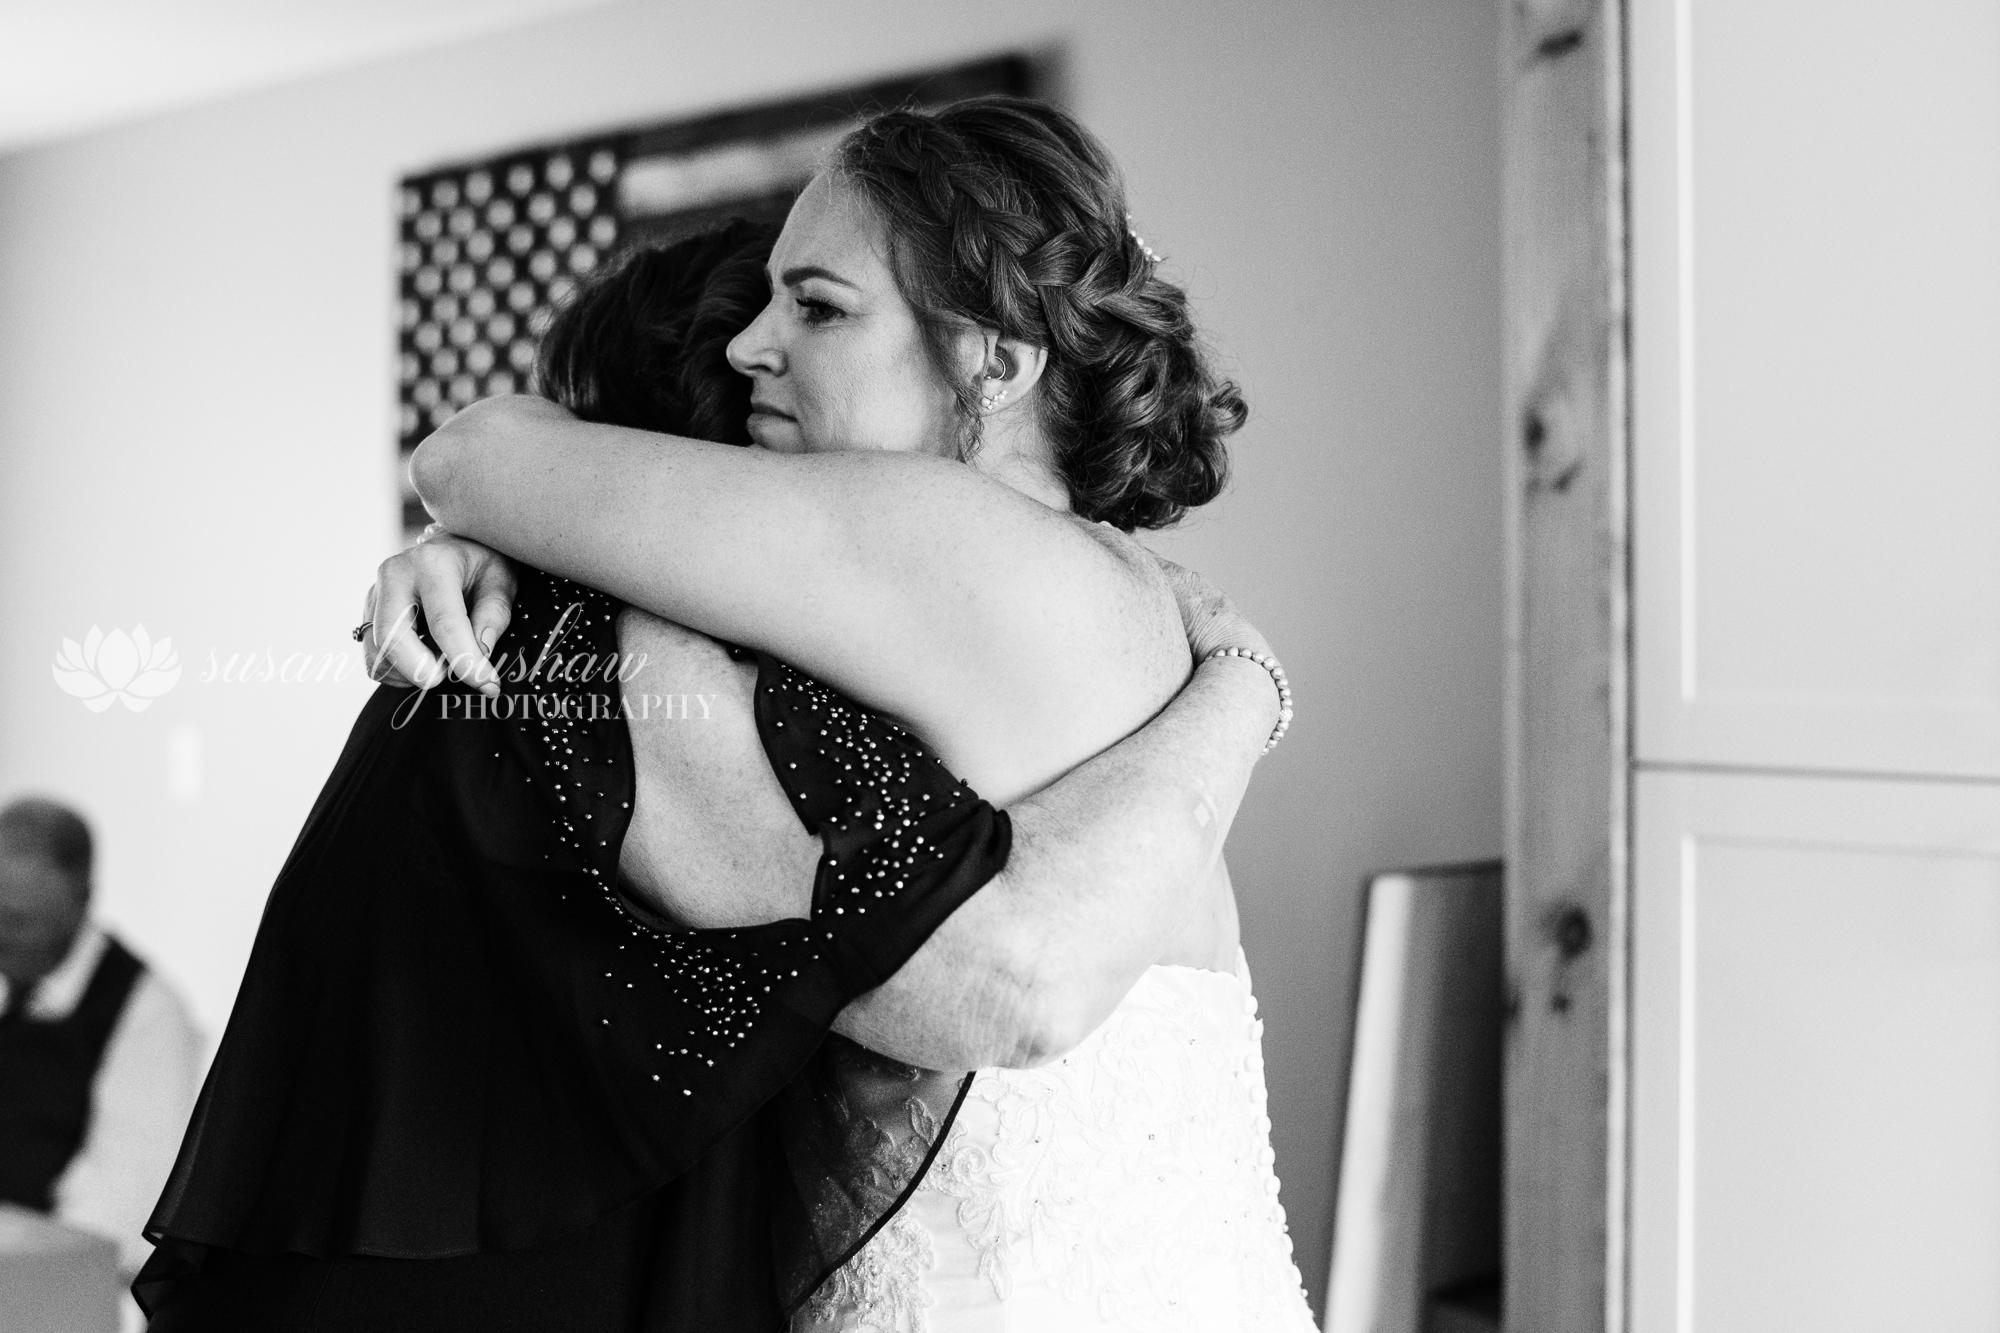 Erin and Jason Wedding Photos 07-06-2019 SLY Photography-29.jpg